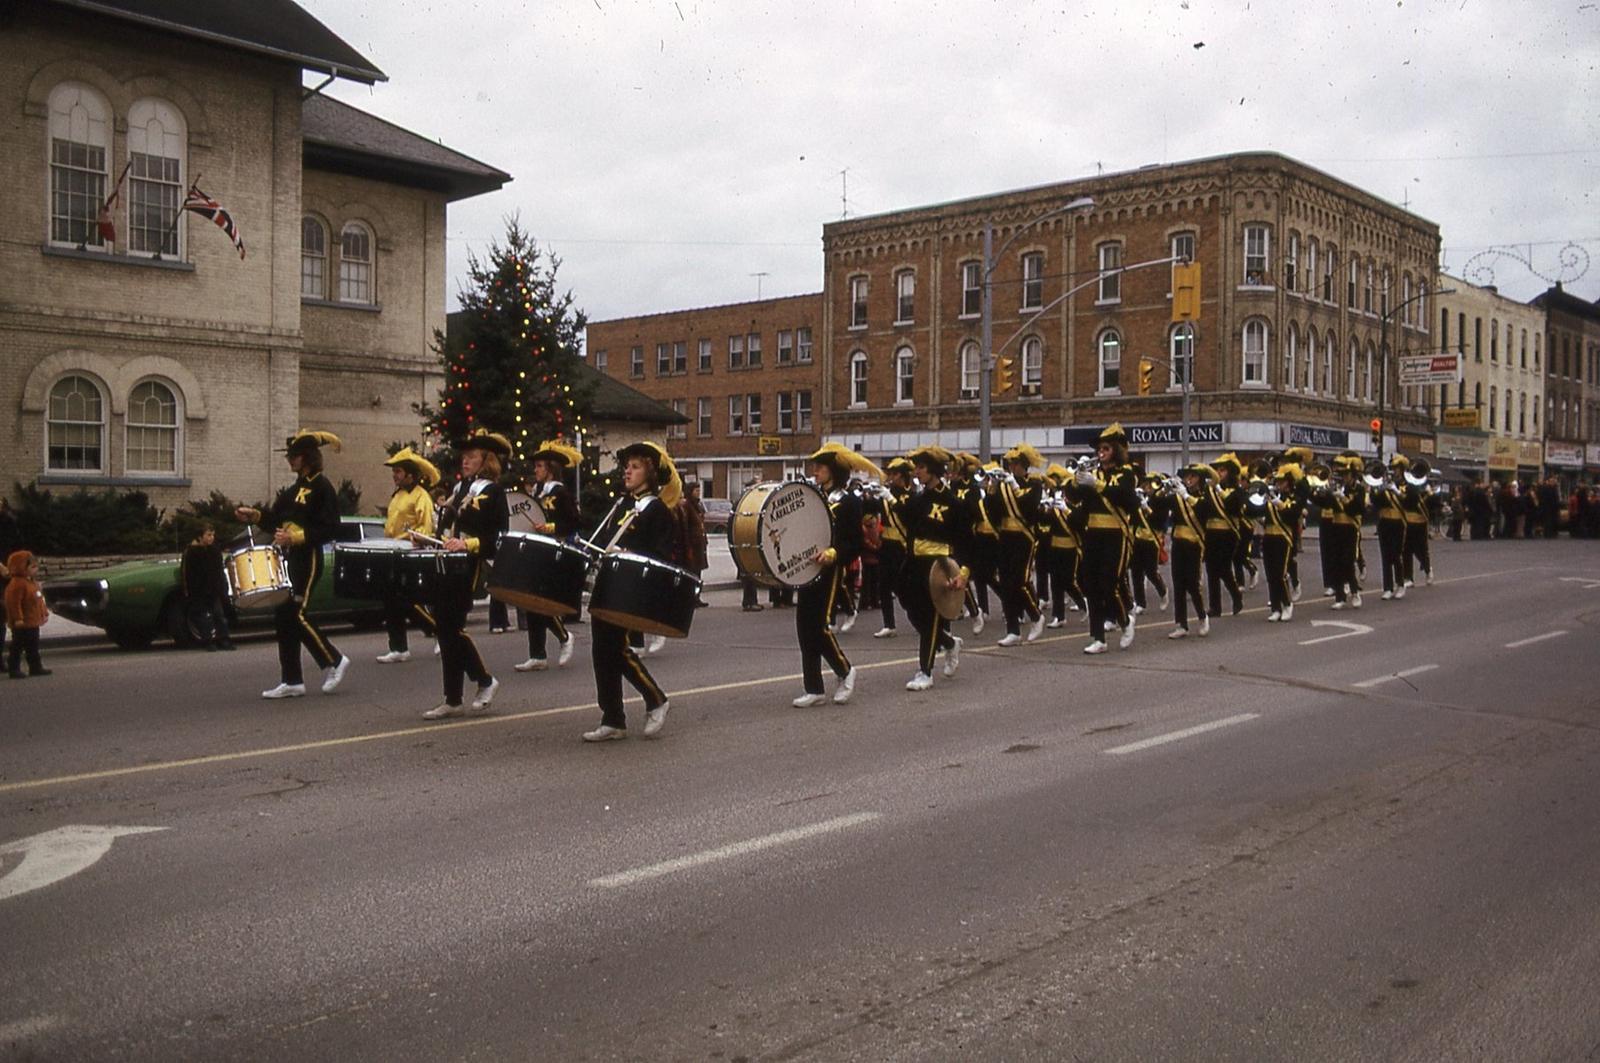 Lindsay Santa Claus Parade 1973